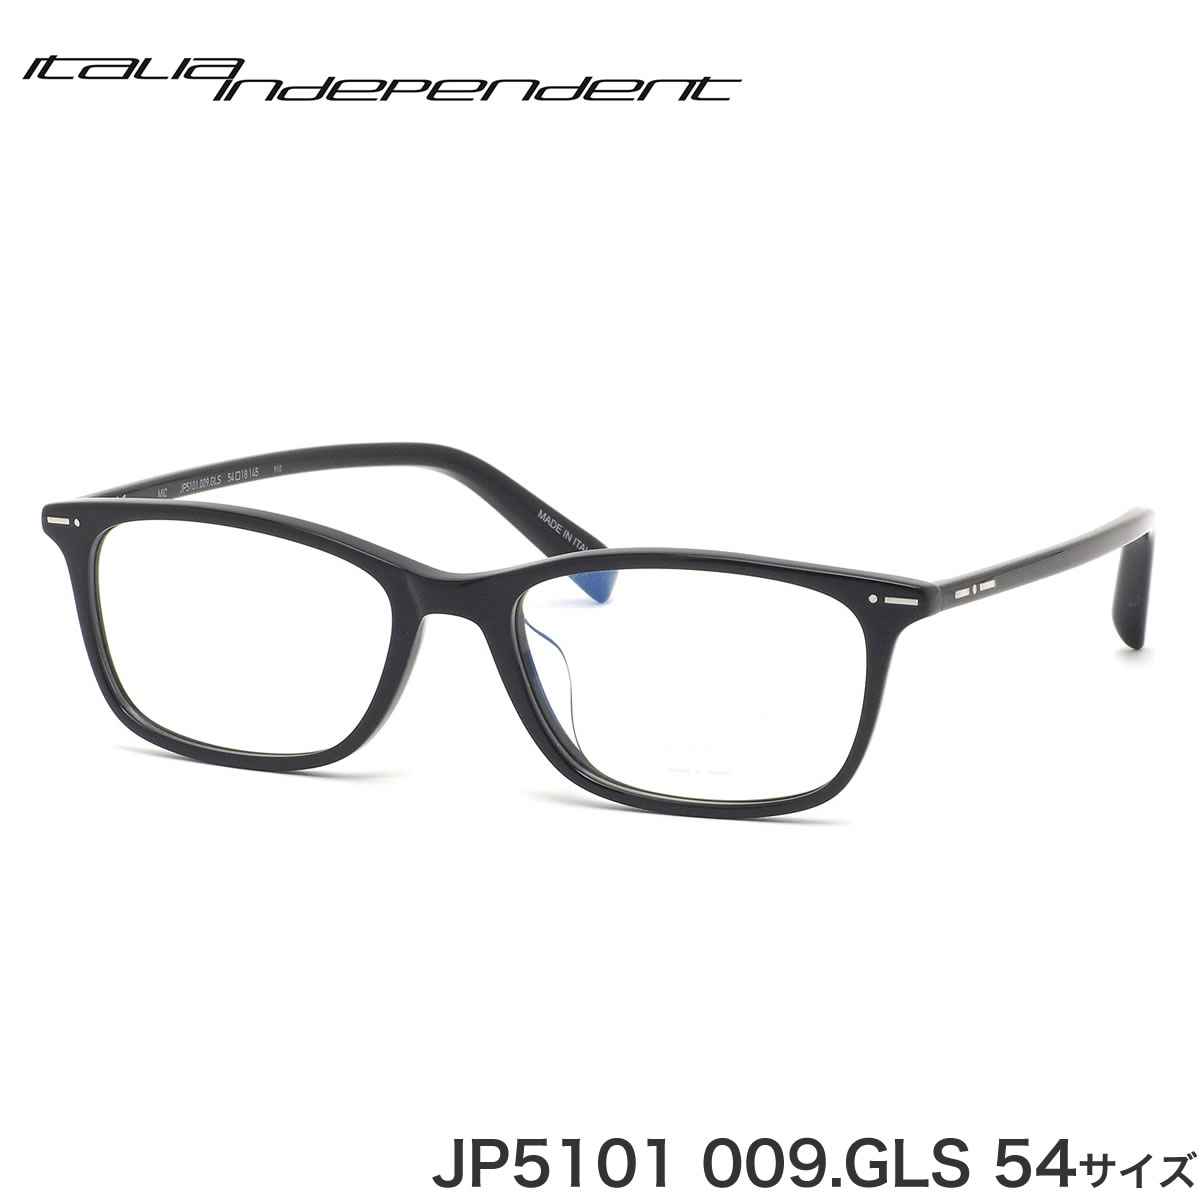 イタリアインディペンデント Italia Independent メガネ JP5101 009.GLS 54サイズ MIC マイク HEXETATE ヘキセテート made in Italy ii メンズ レディース